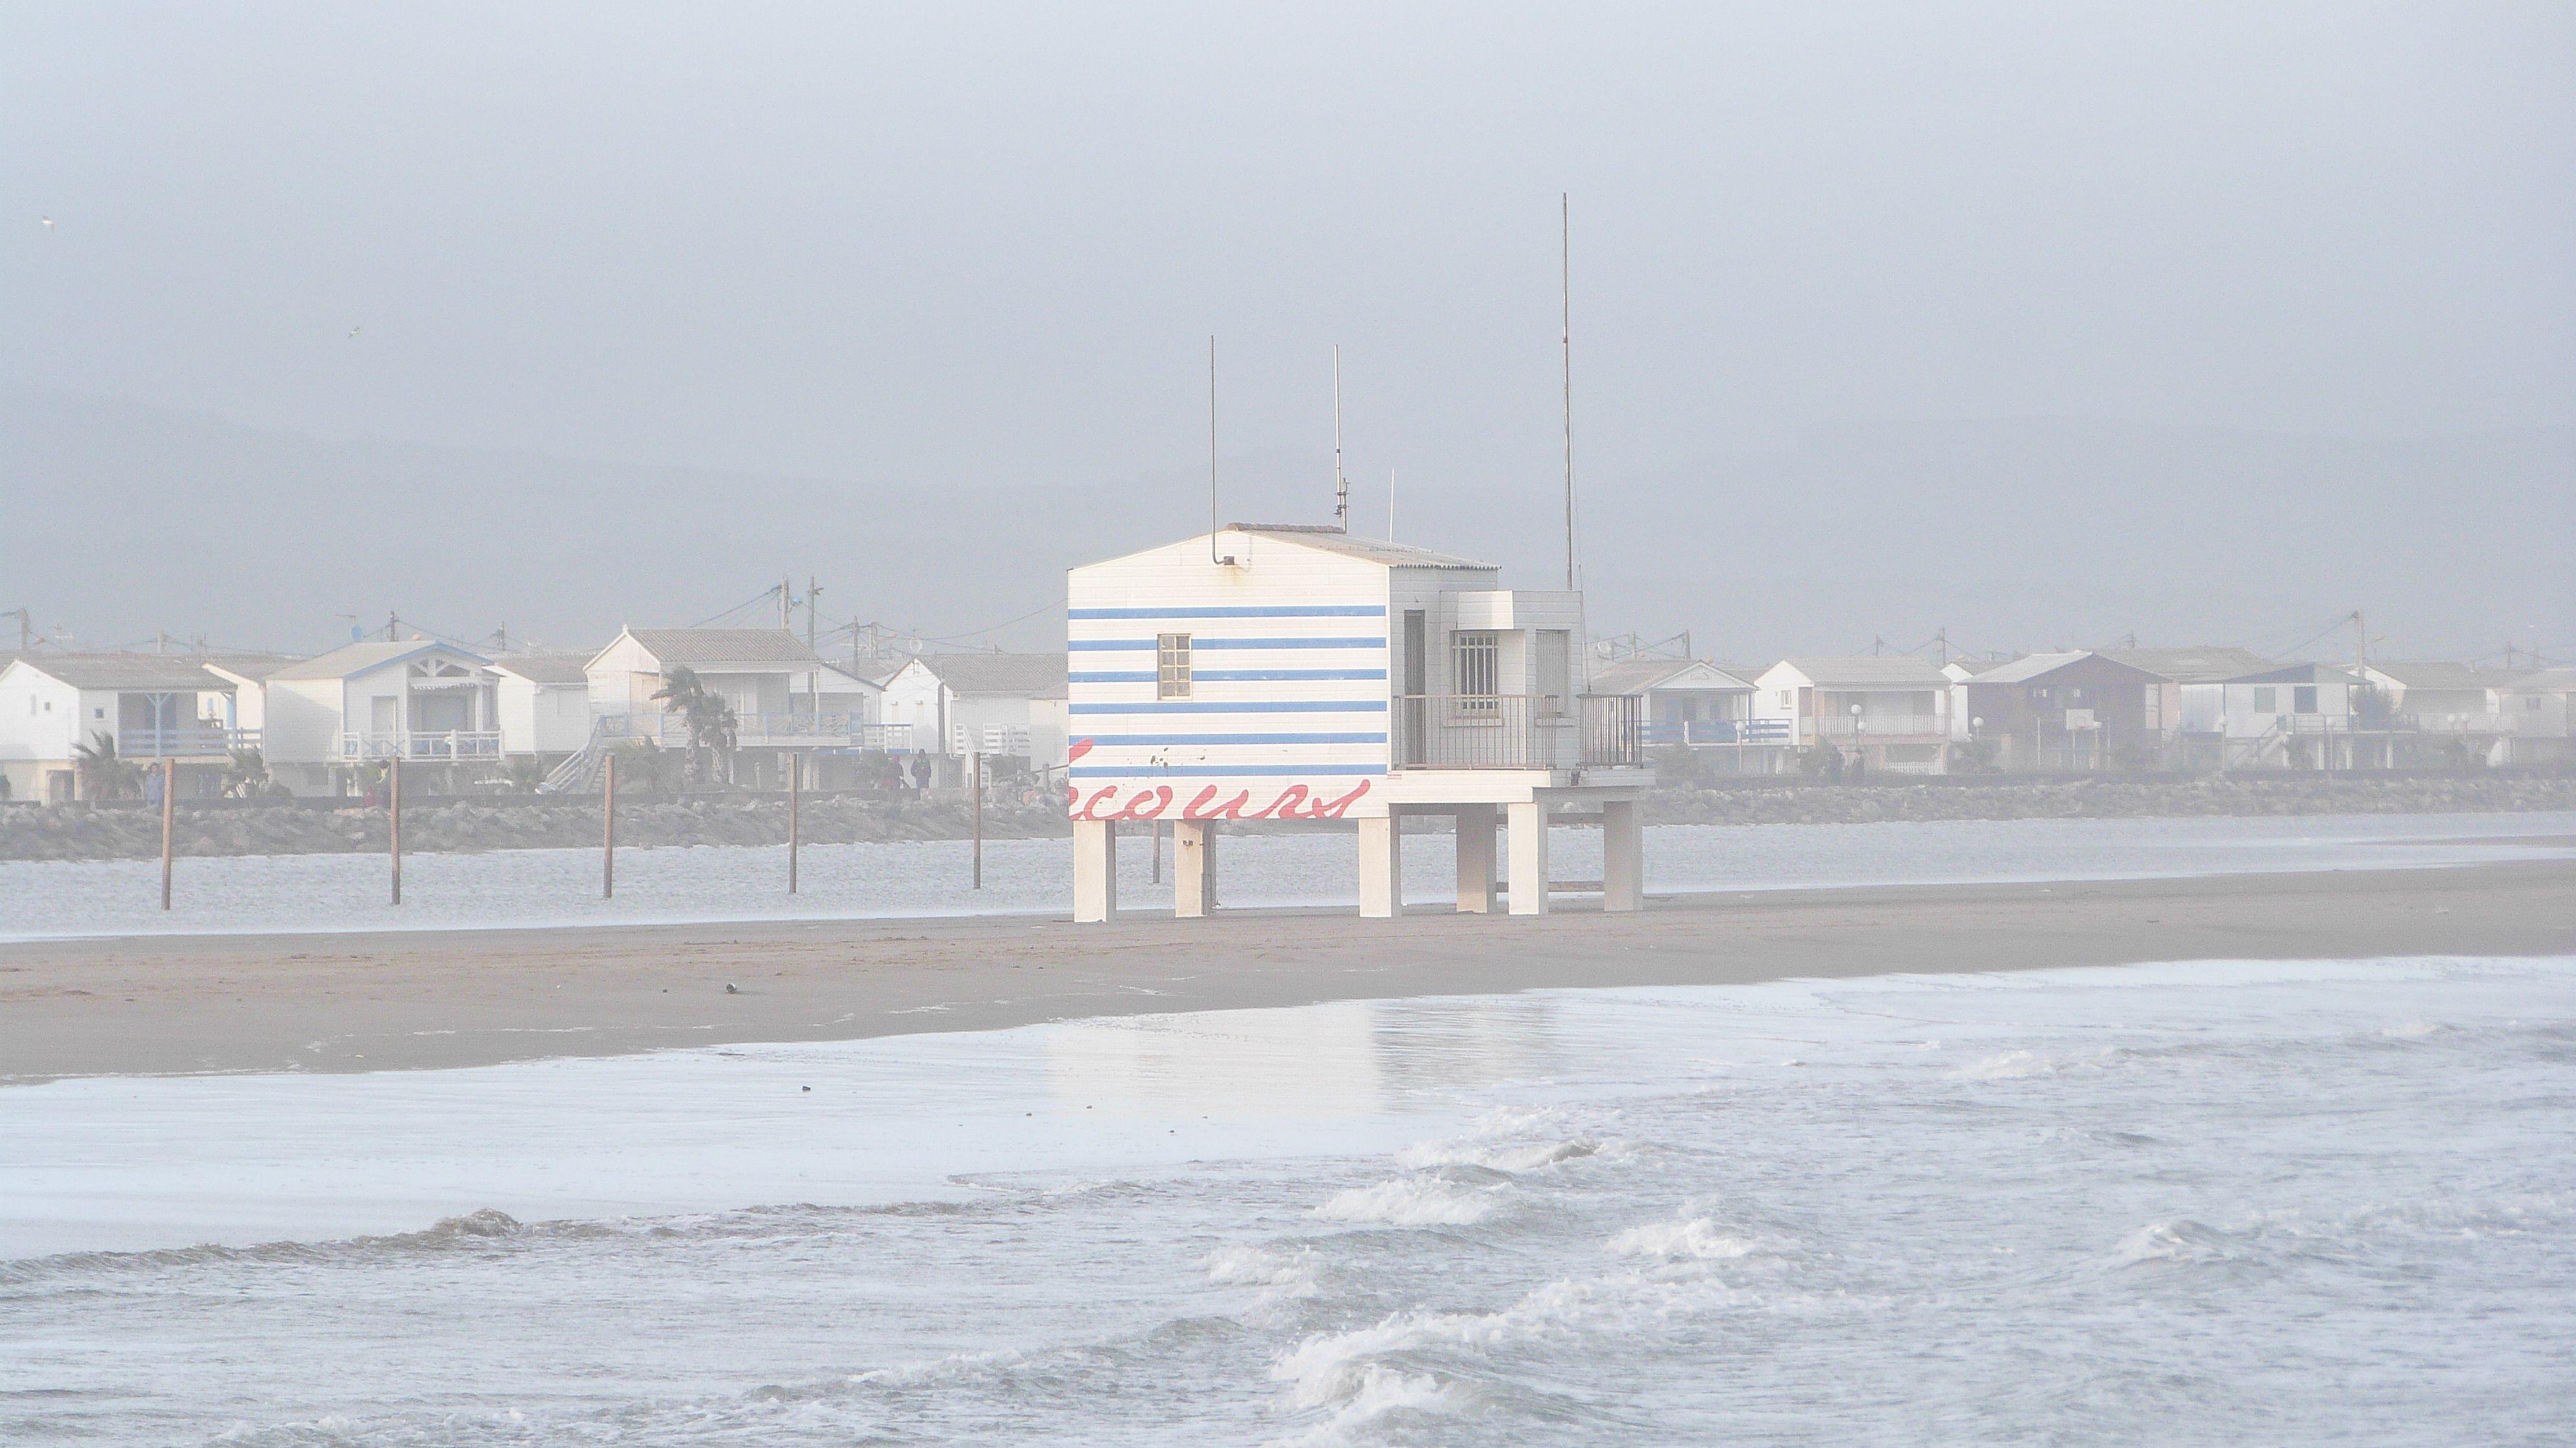 Plage Des Chalets A Gruissan plage des chalets à gruissan envahie par les eaux. merci béa